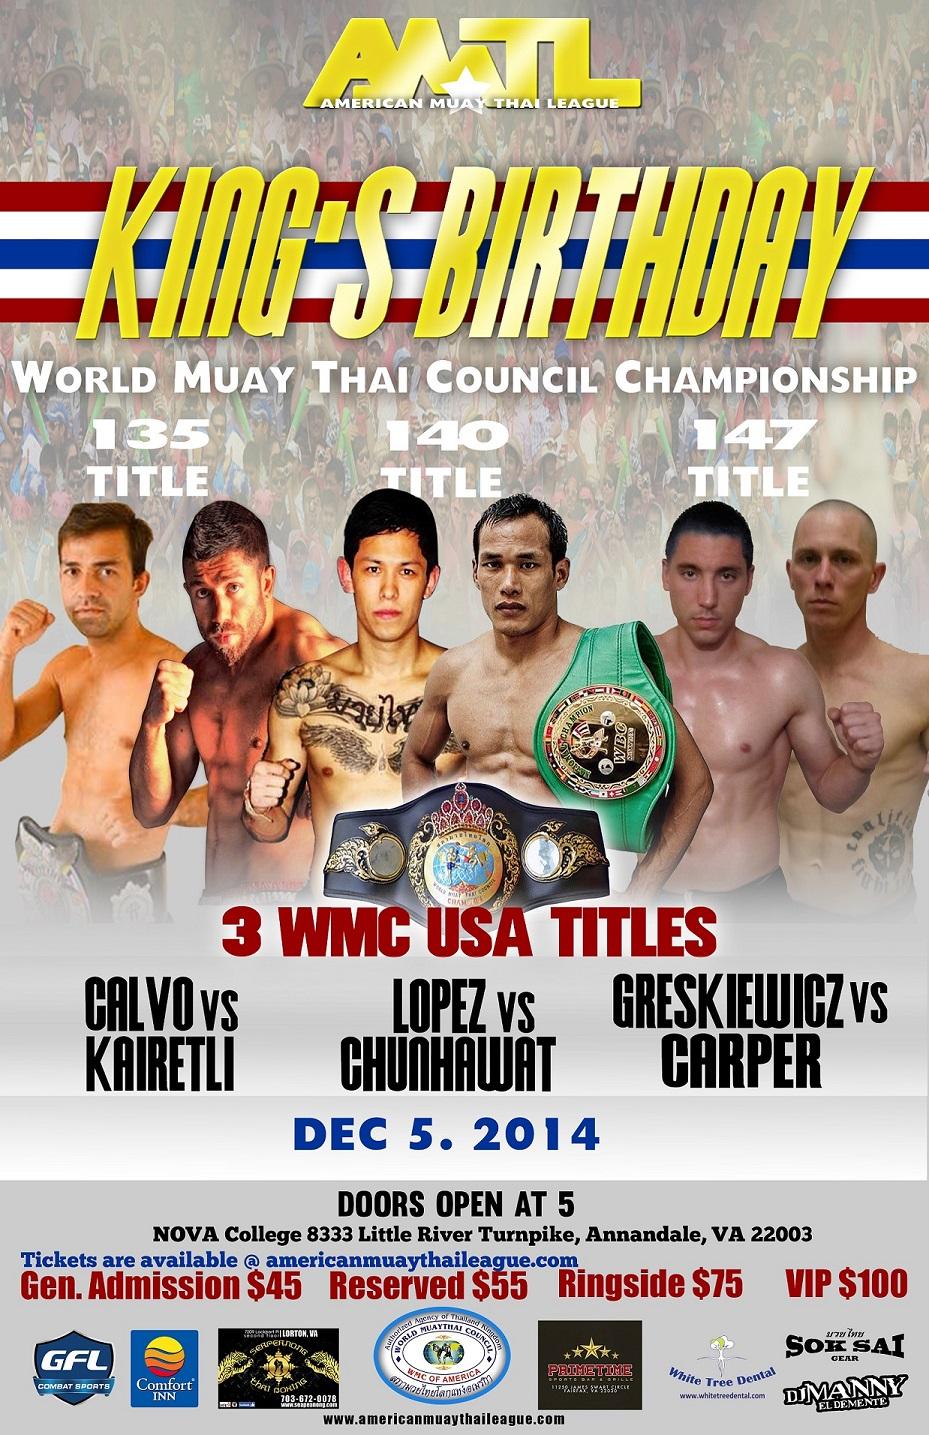 AMTL WMC Updated Poster